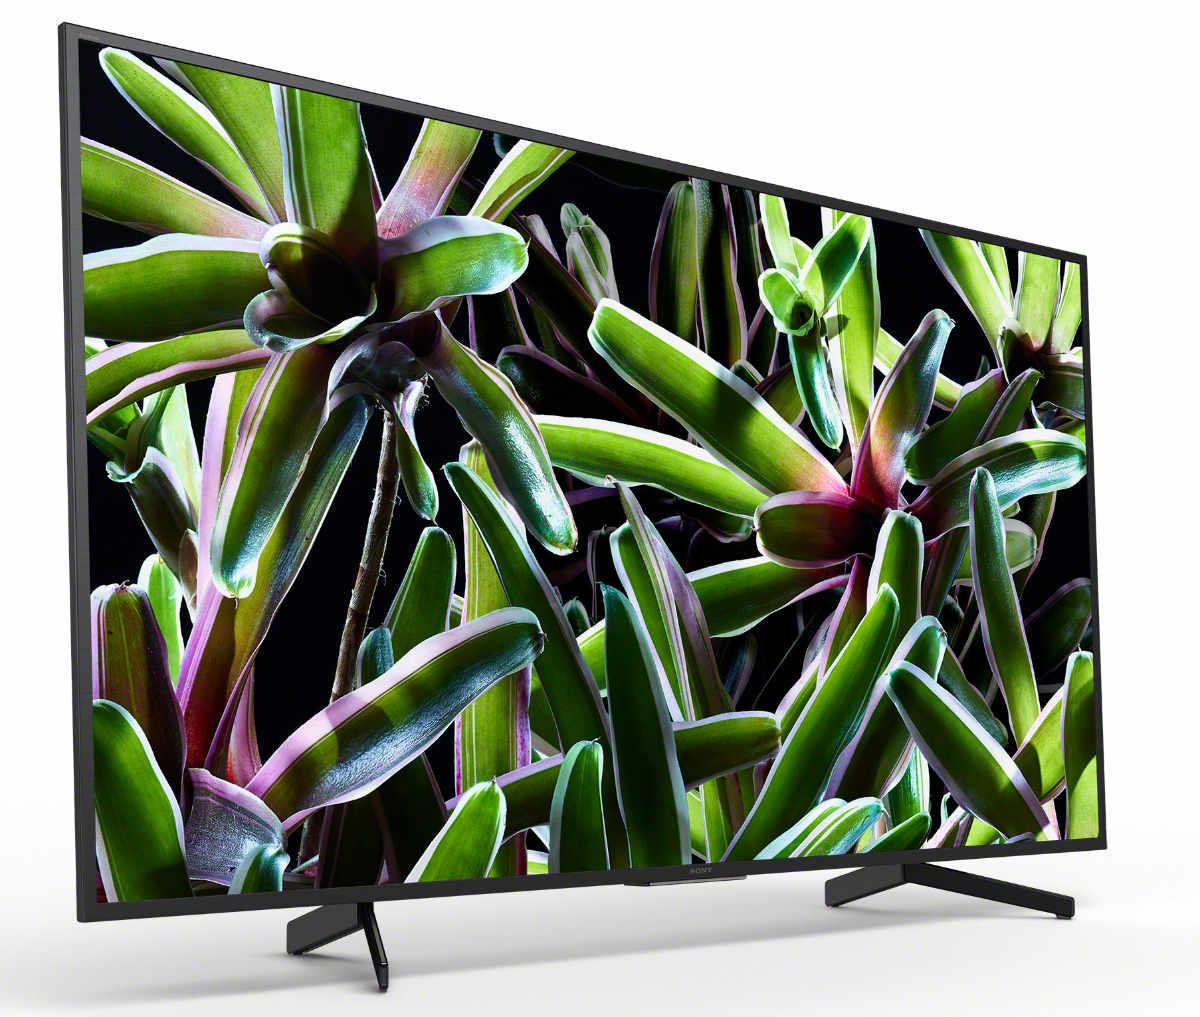 sony k ndigt 15 neue fernseher der modellreihen xg83 xg81. Black Bedroom Furniture Sets. Home Design Ideas